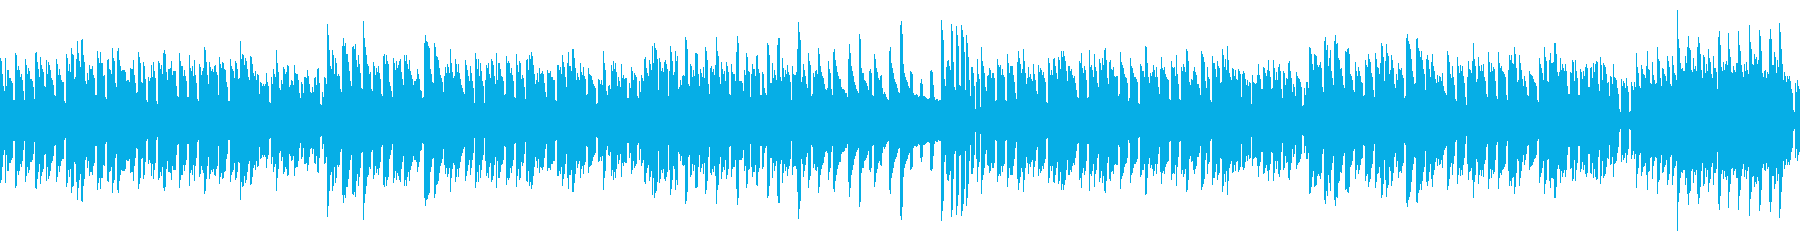 チップチューン/RPG/序盤/かわいいの再生済みの波形